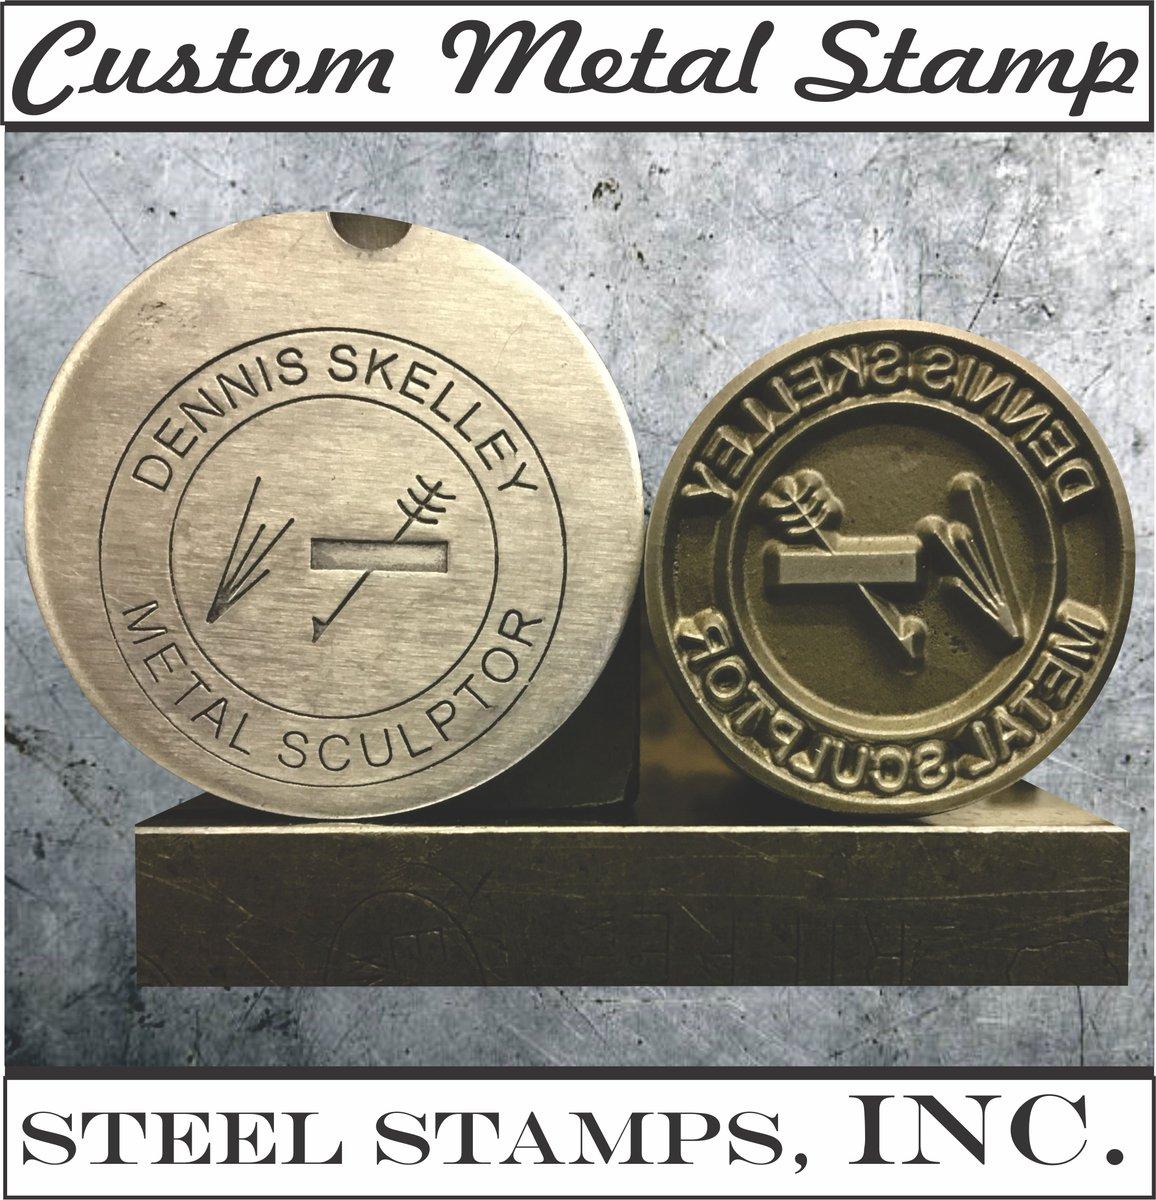 Steel Stamps, Inc  (@SteelStampsInc1) | Twitter